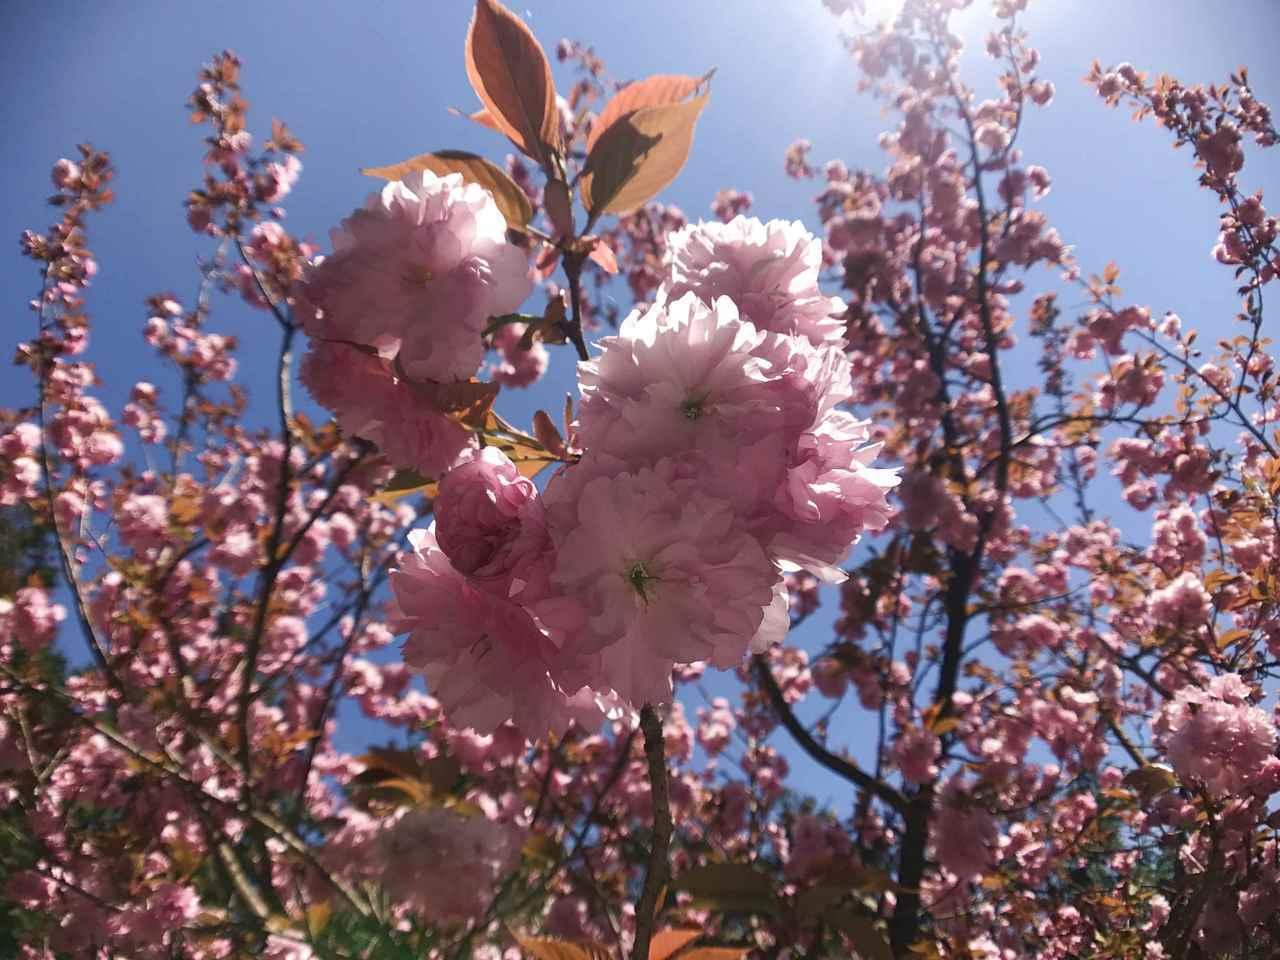 日本著名的賞櫻景點「竹田城」。圖/有行旅提供。